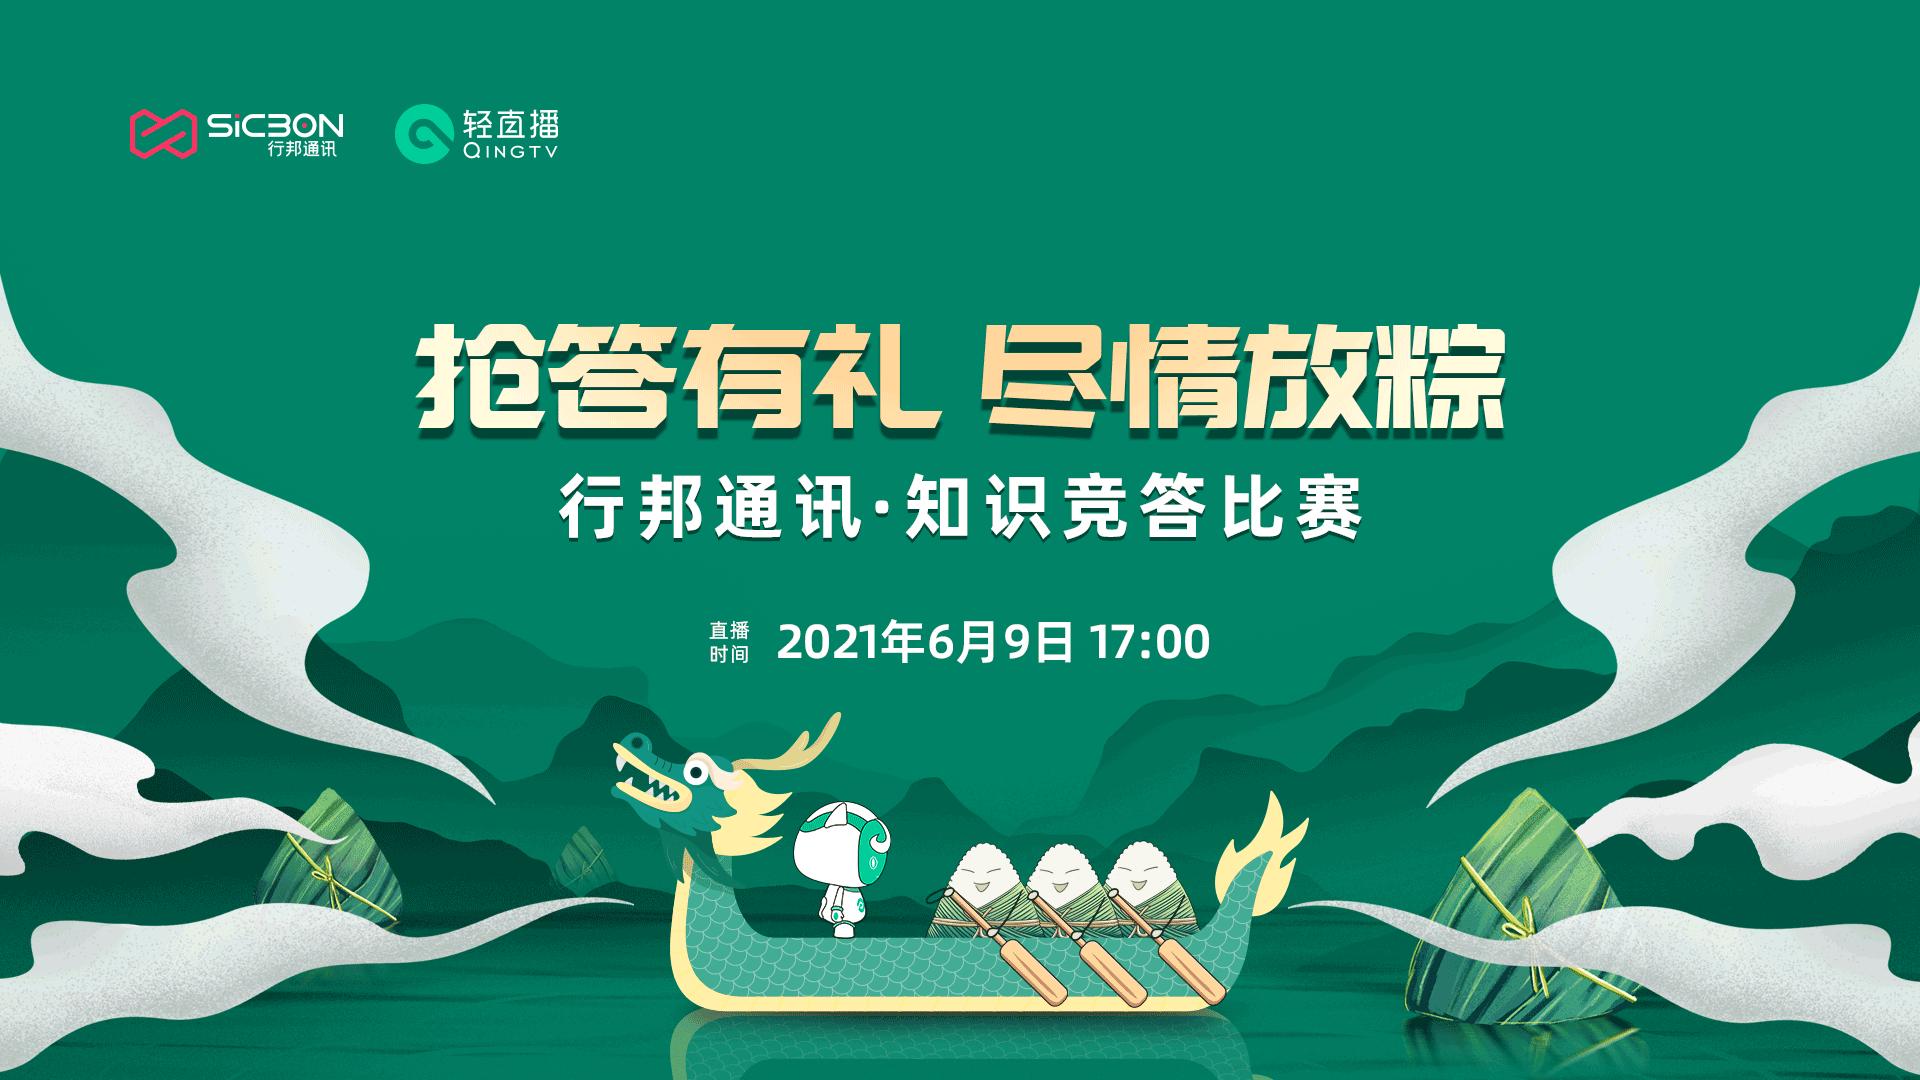 """抢答有礼,尽情放""""粽""""—行邦通讯第一届知识竞赛"""